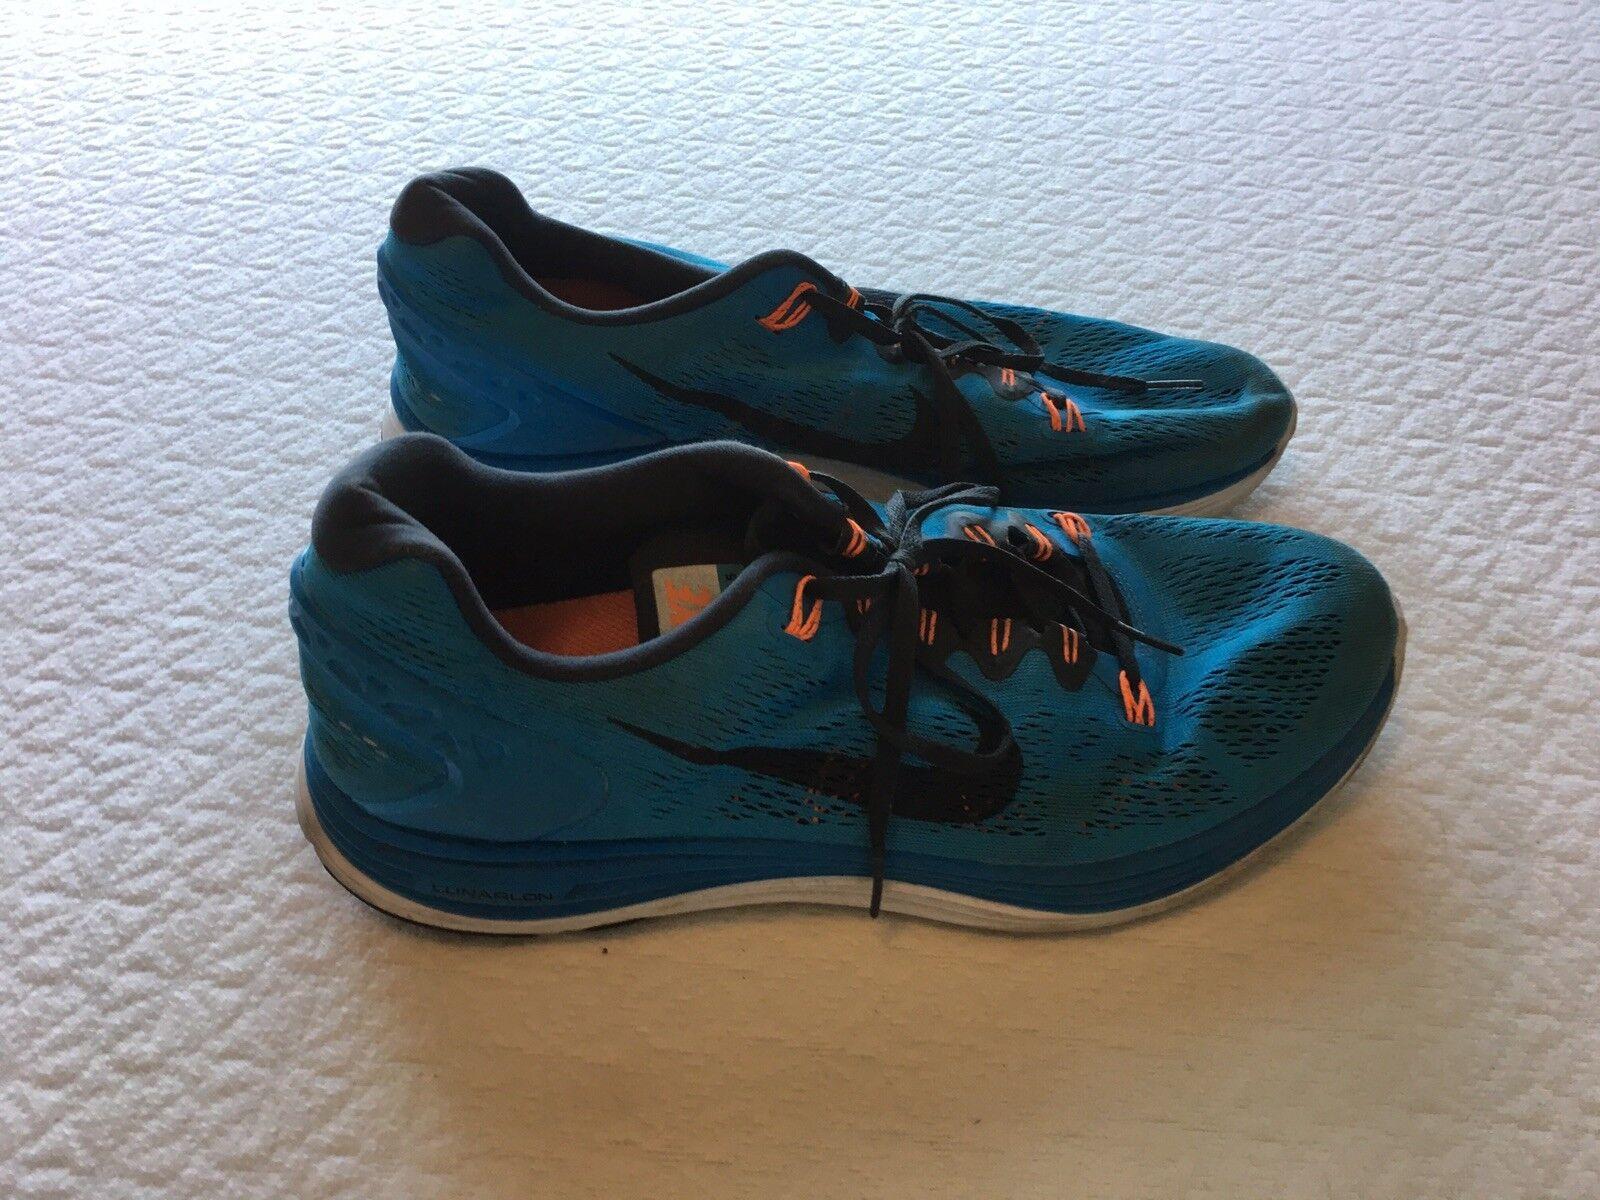 4e6e2de1b6 Nike men's bluee black size us 13 599160 400 orange lunarglide  nfdoou3595-Athletic Shoes